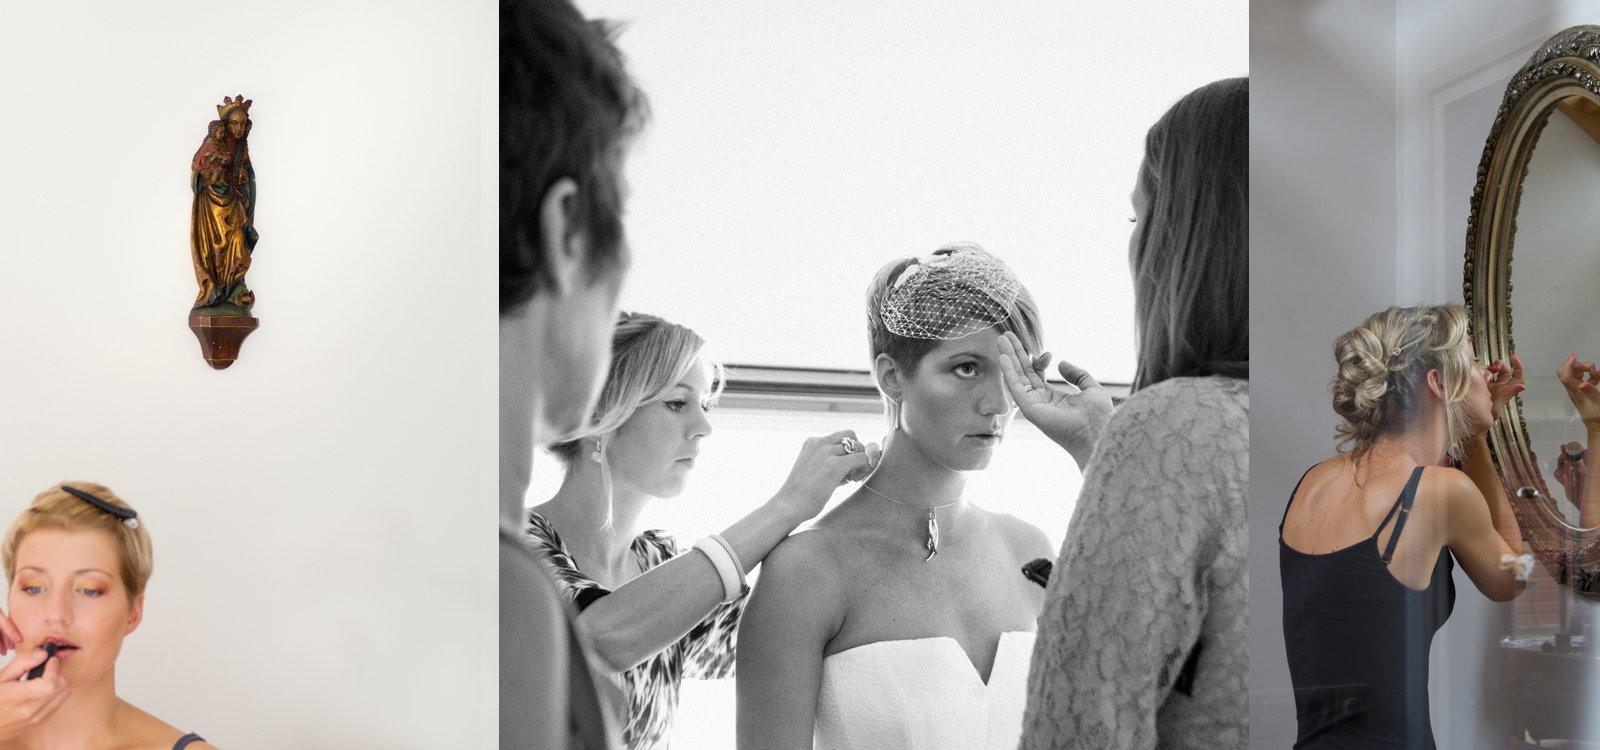 Prachtige trouwfotografie aan de hand van bruidsfotograaf Sophie de Kort. Afgestudeerd aan de fotoacademie te Amsterdam.